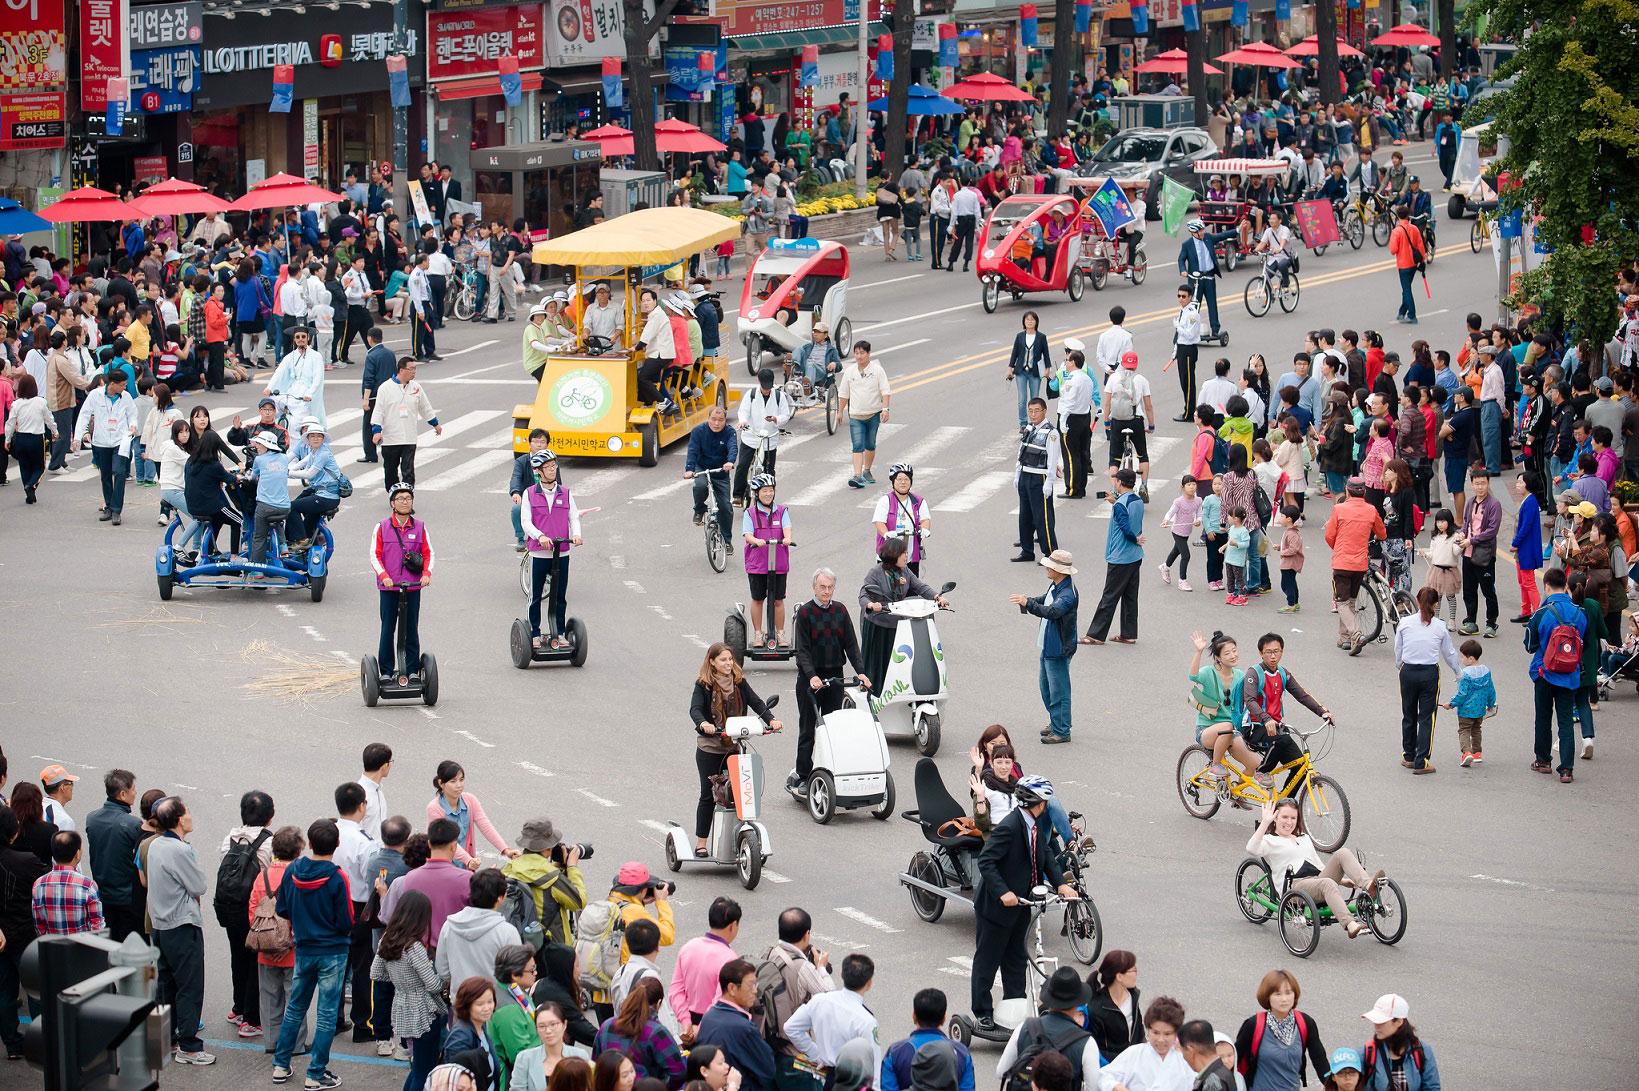 Parade (c) ICLEI e.V 2013